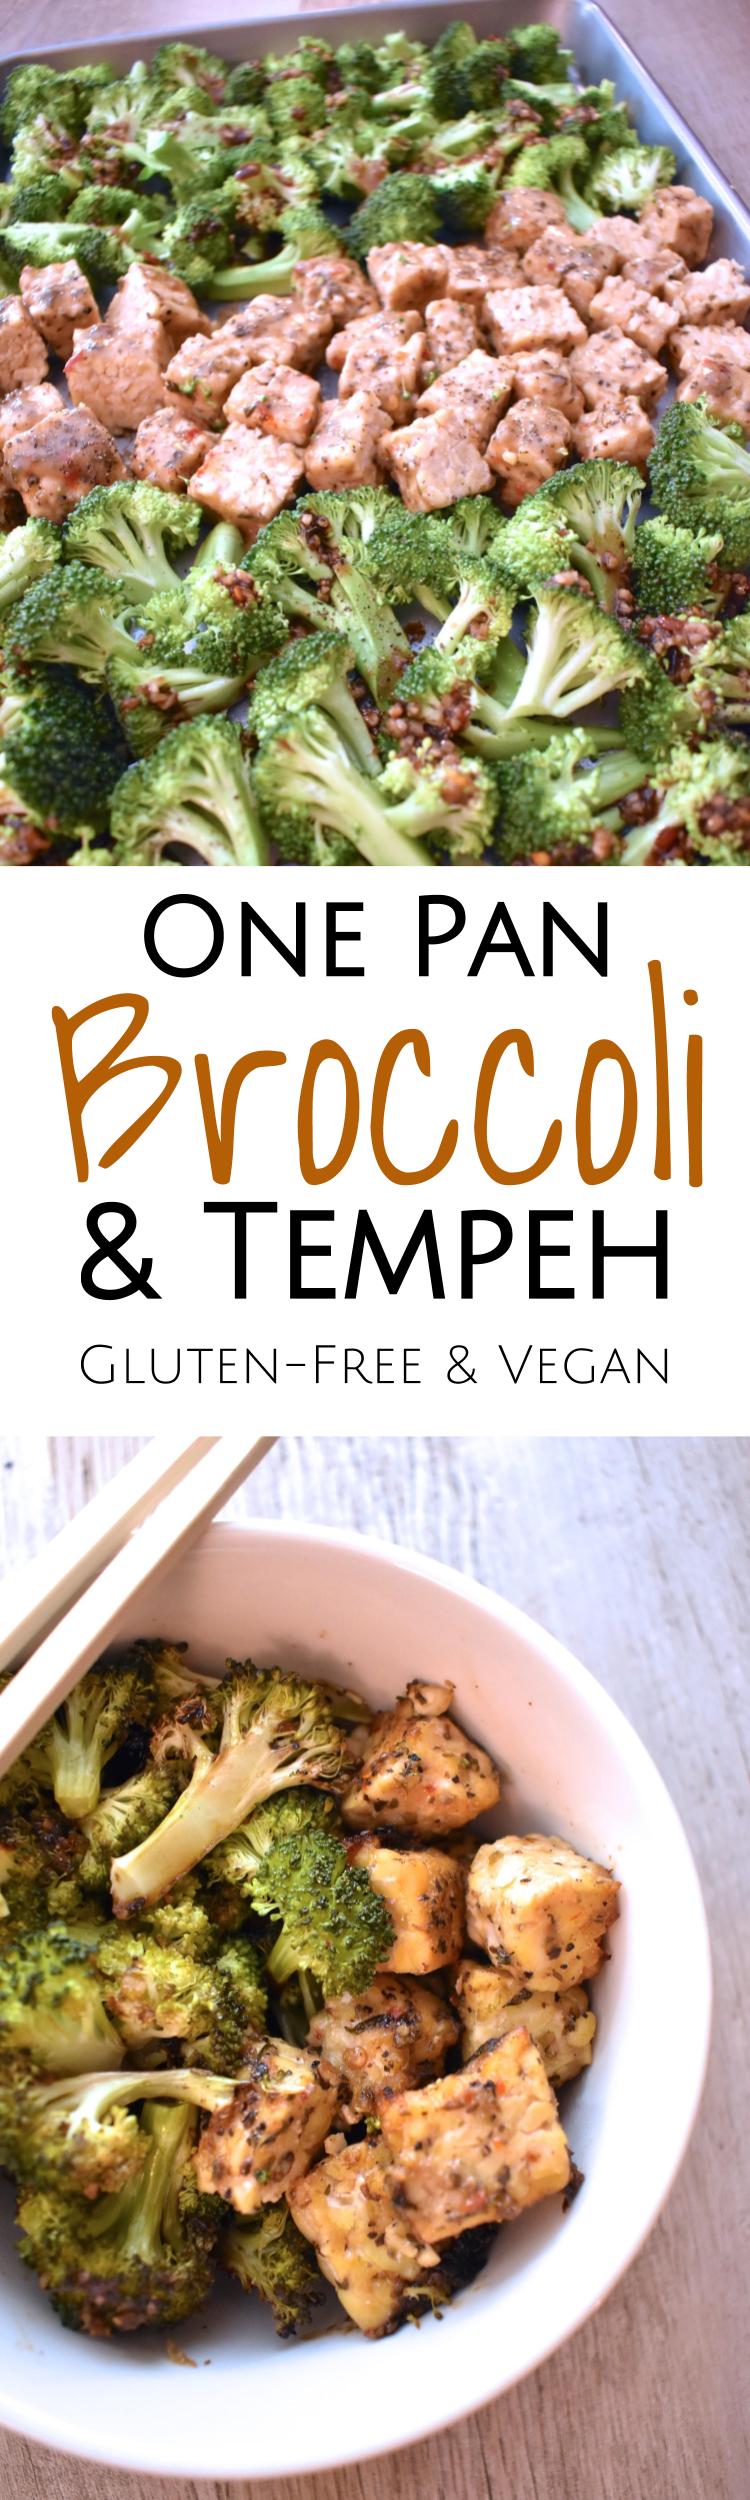 One Pan Broccoli & Tempeh Dinner • Educating Earthlings